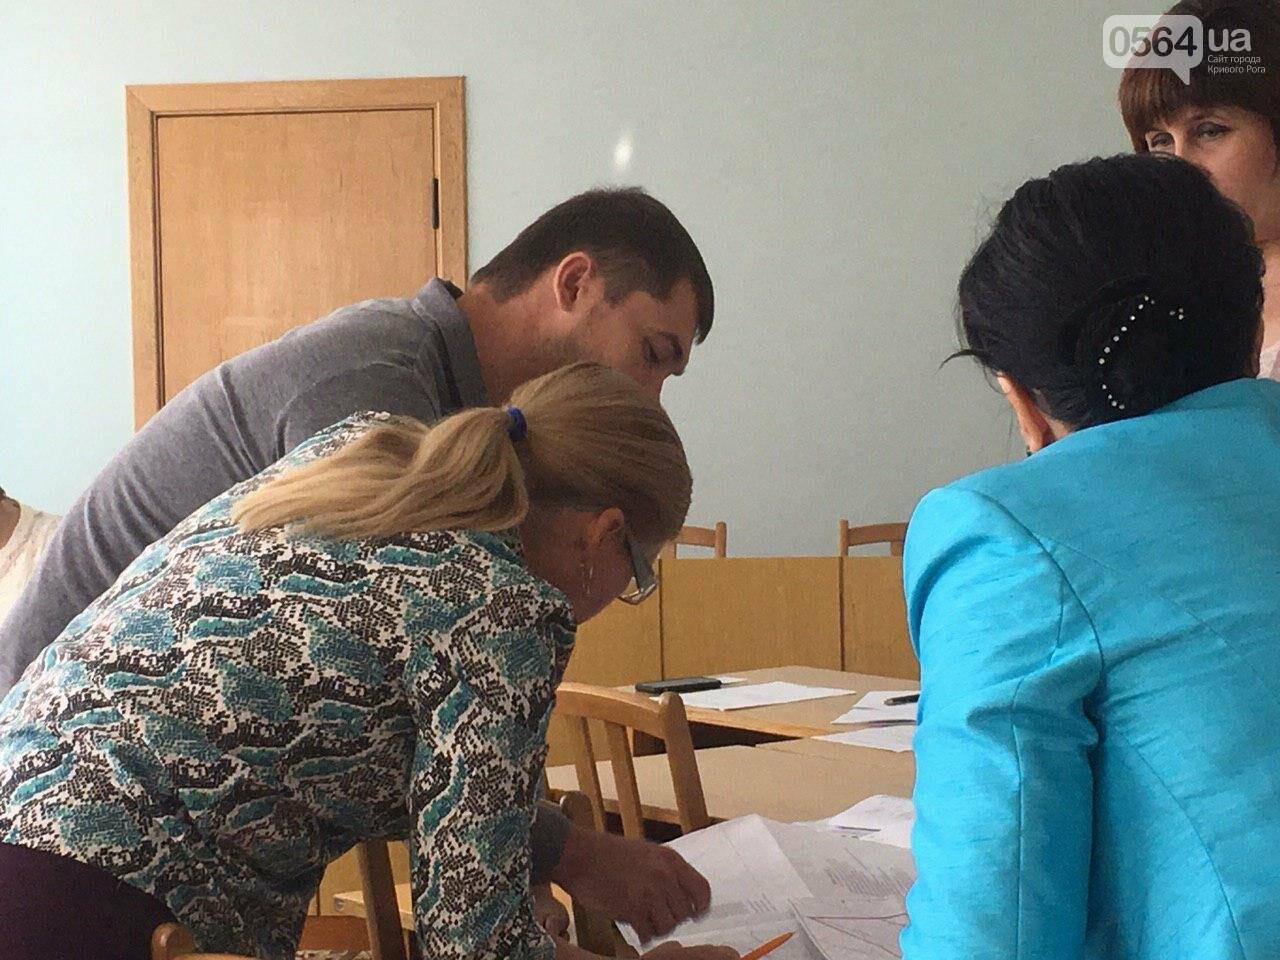 Депутаты Криворожского горсовета обсудили, куда и когда перенесут из зоны обрушения детский сад, - ФОТО , фото-36